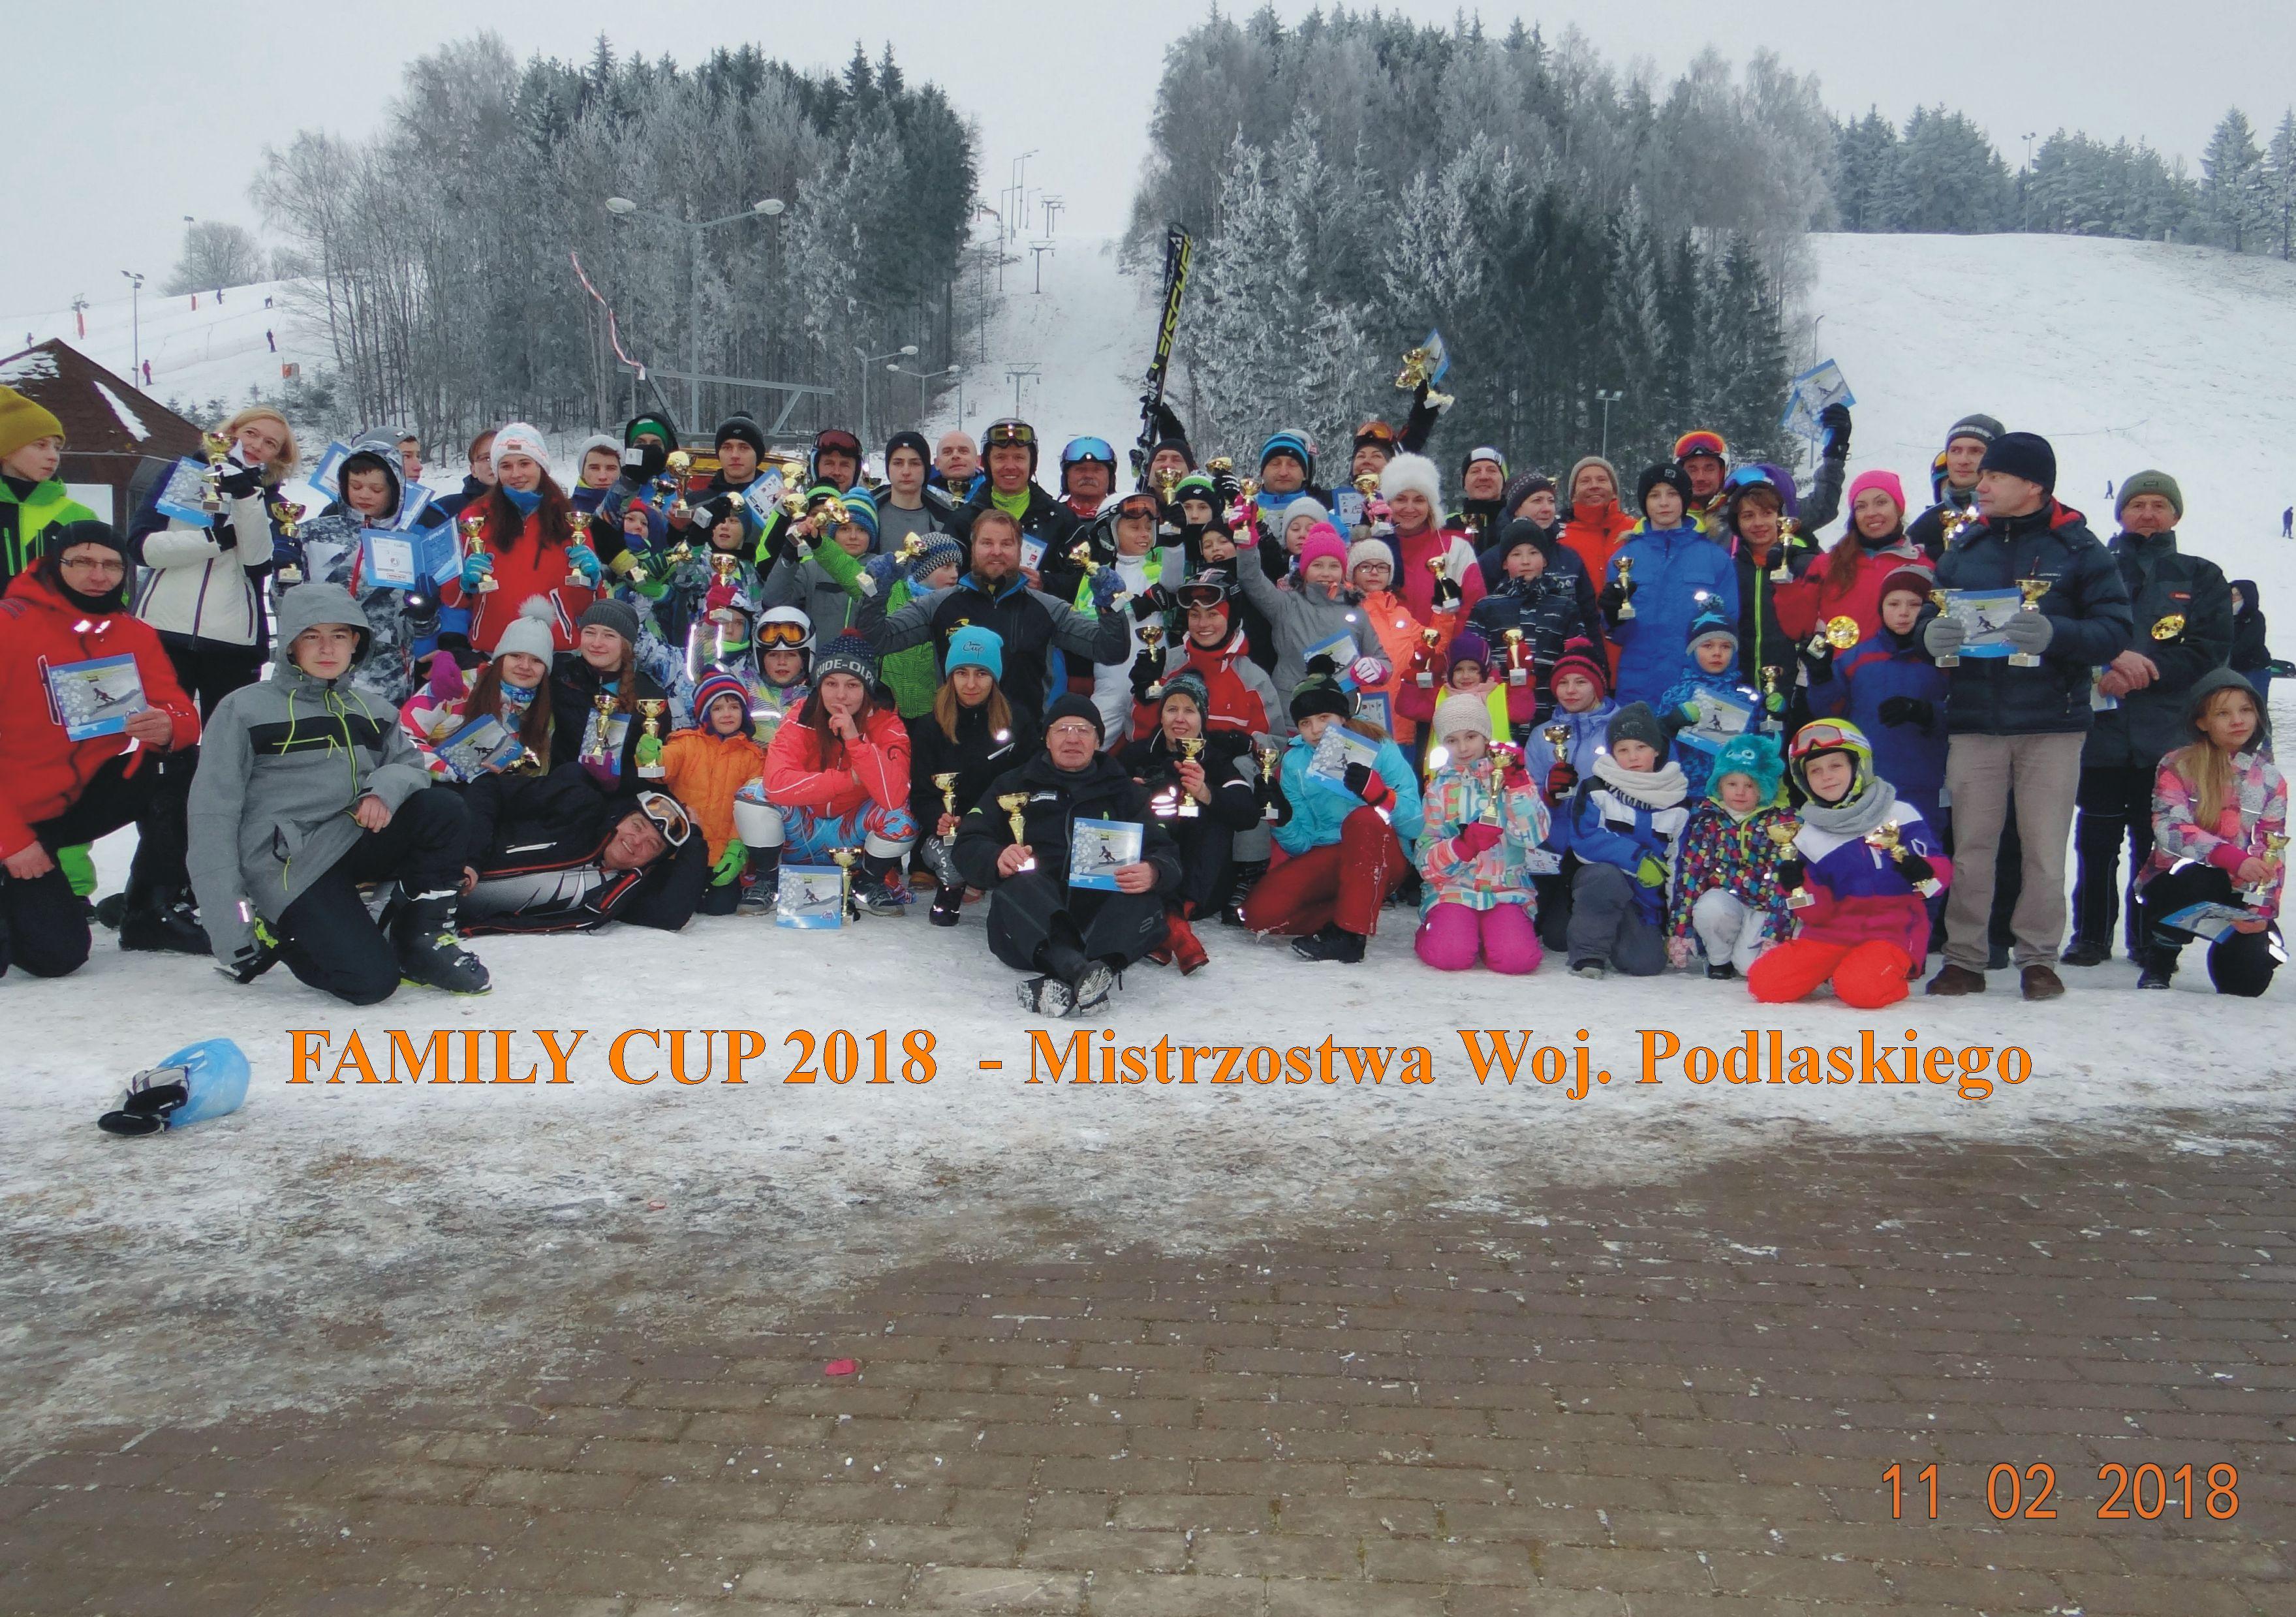 Wyniki Mistrzostw Województwa Podlaskiego i Mistrzostw Litwy FamilyCup